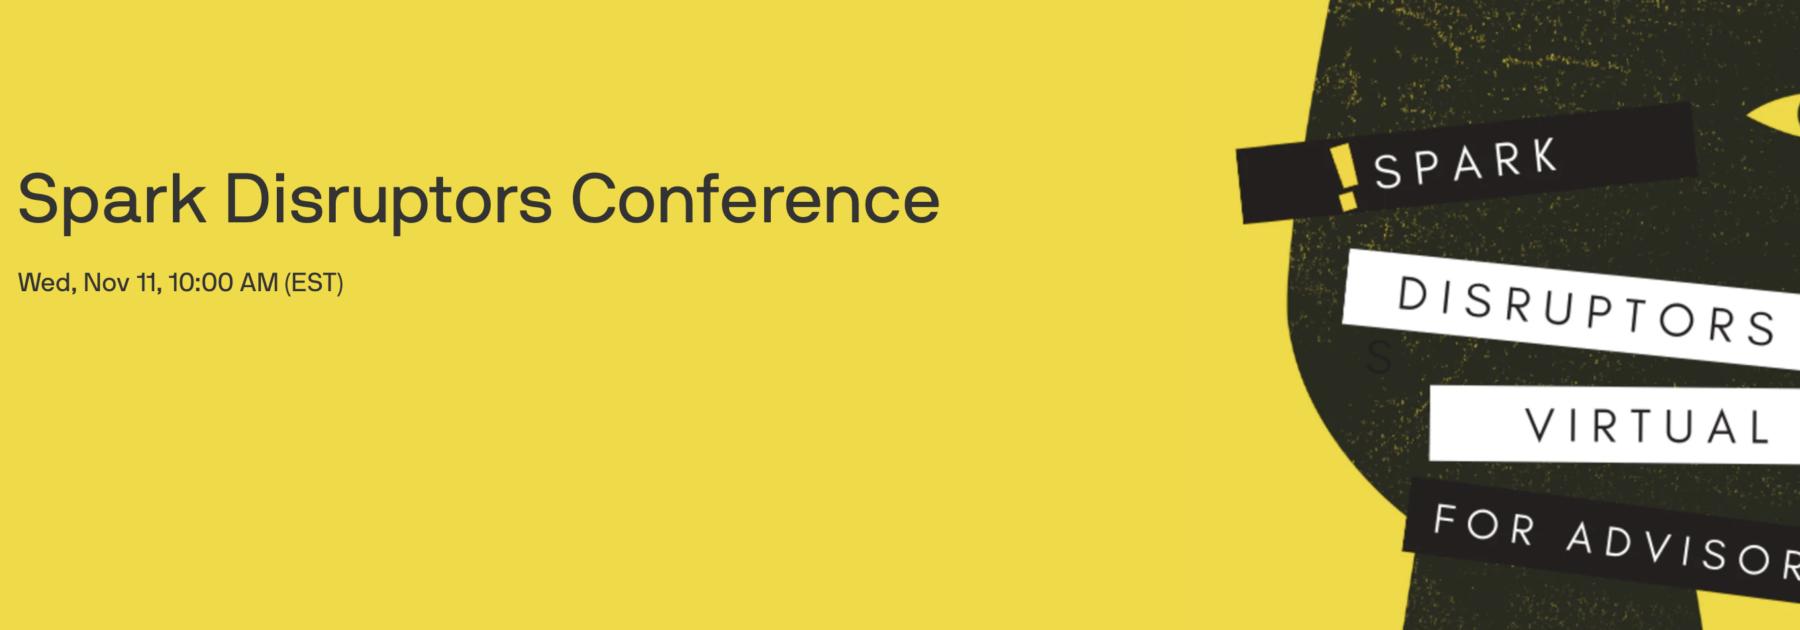 Spark Disruptors Conference 1